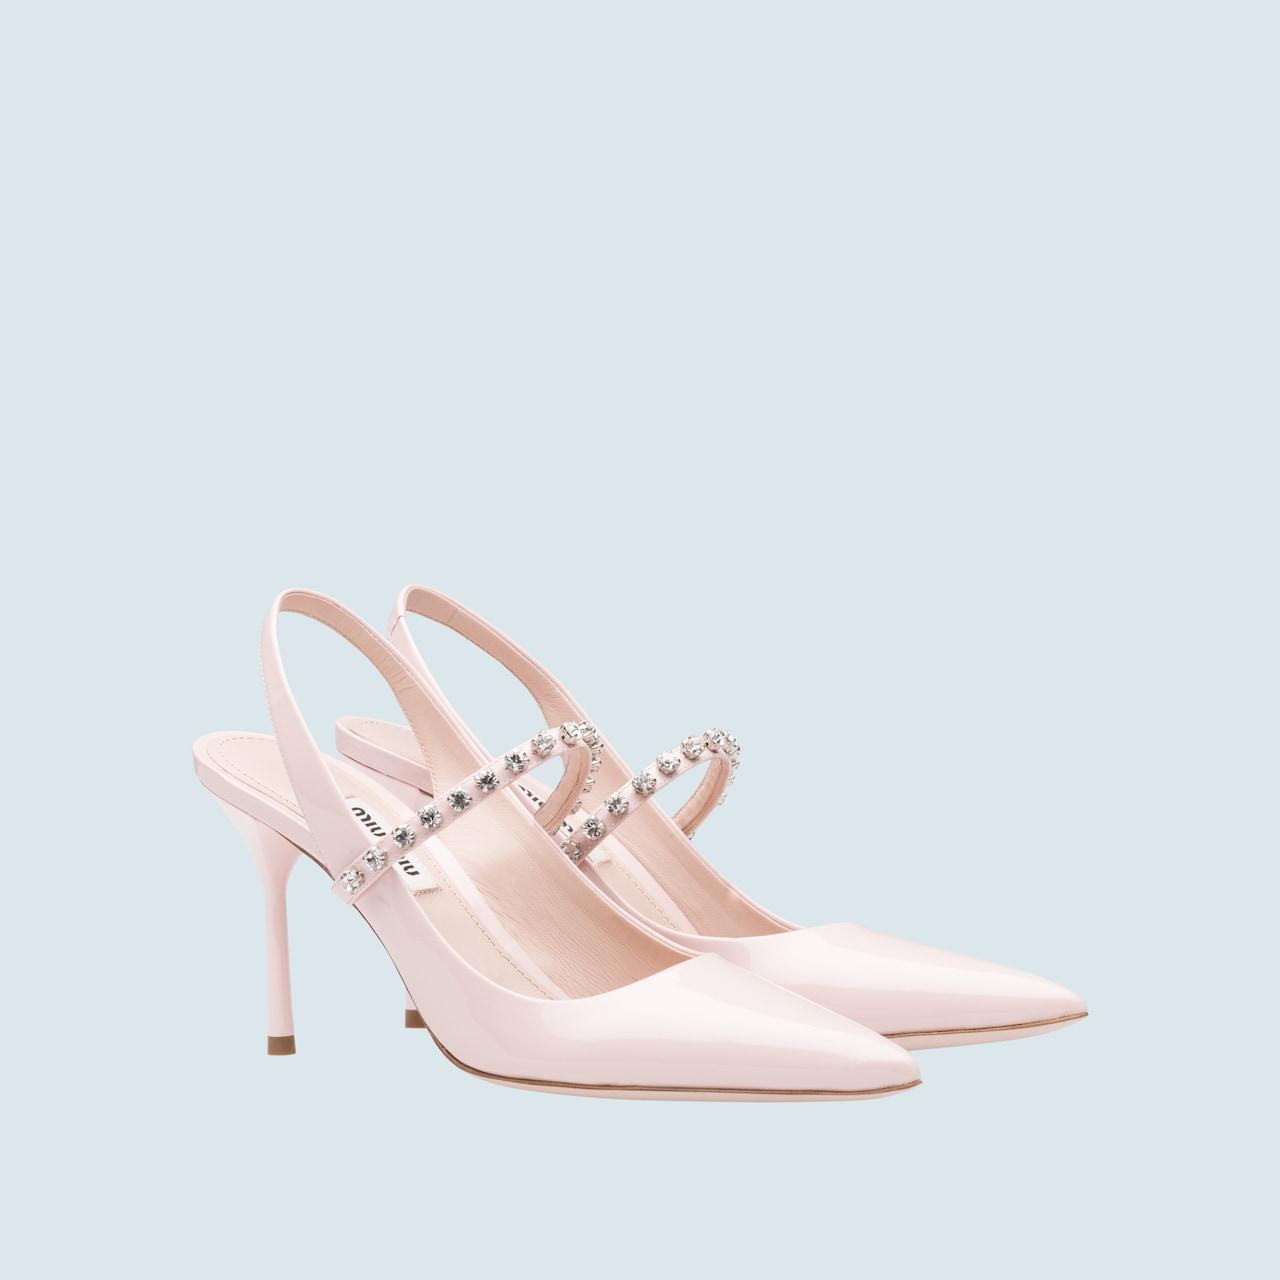 Tendenze-scarpe-primavera-estate-2020-Miu-Miu